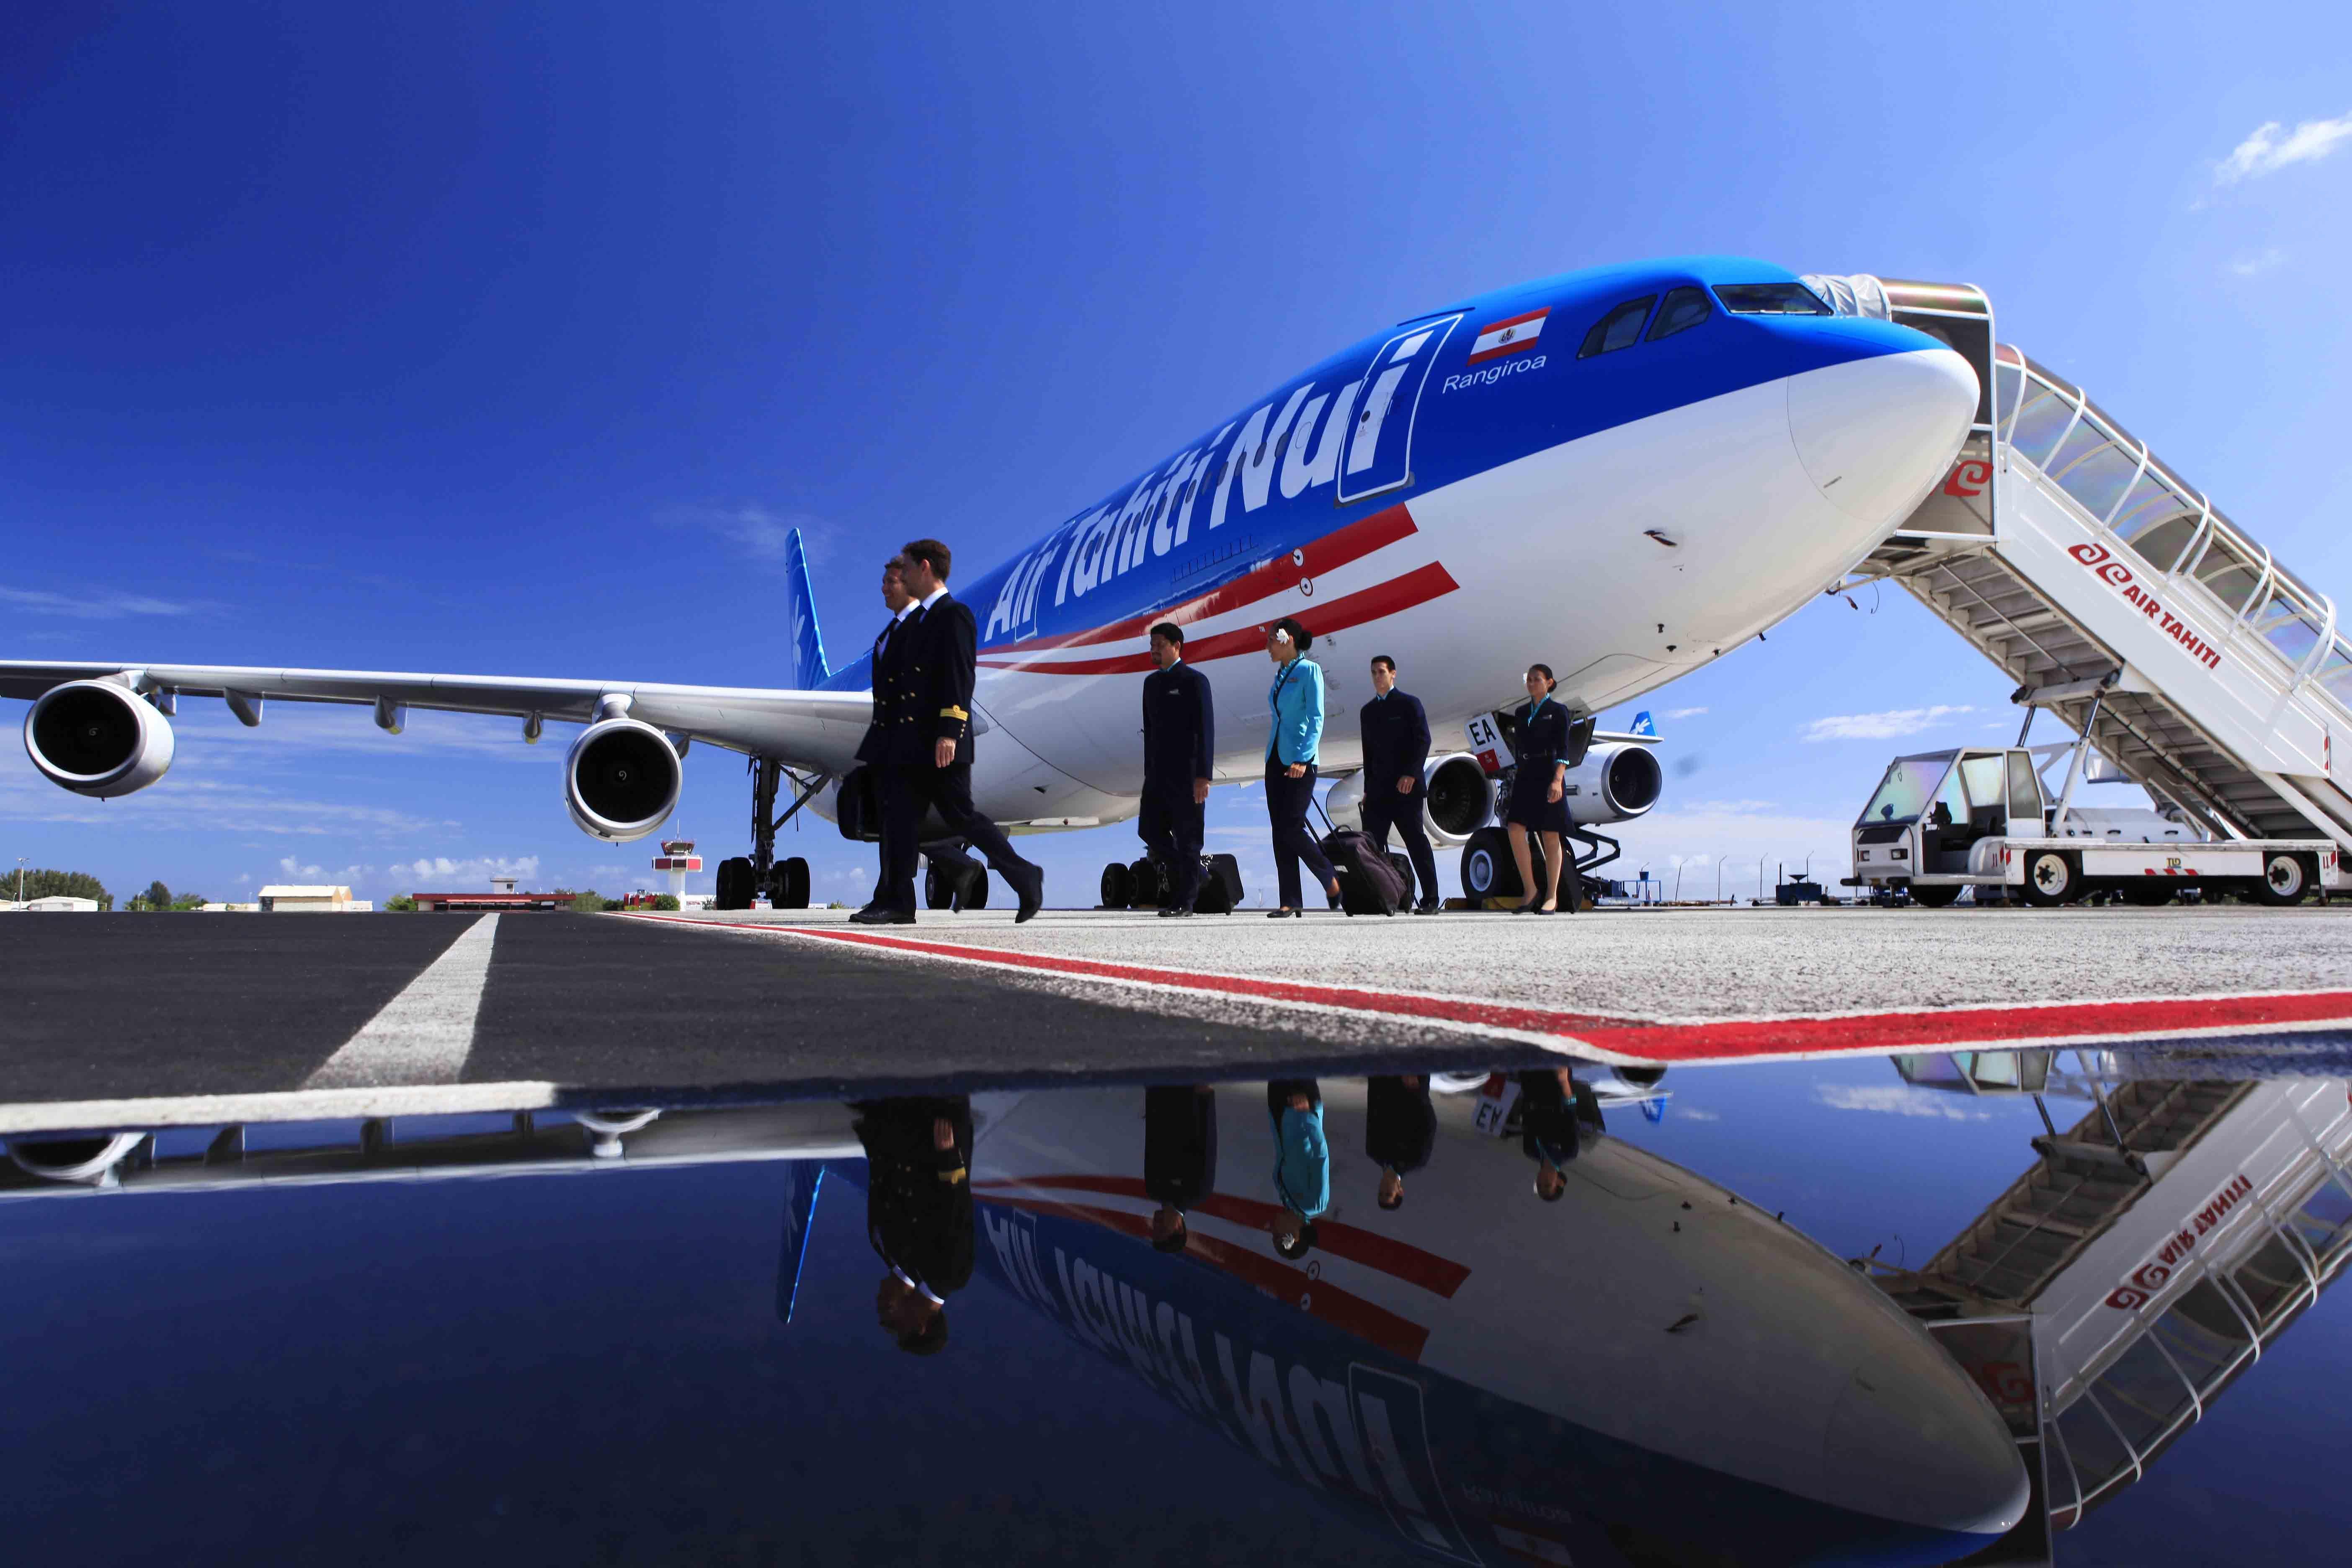 Air Tahiti Nui - vôos para Papeete - Polinésia Francesa